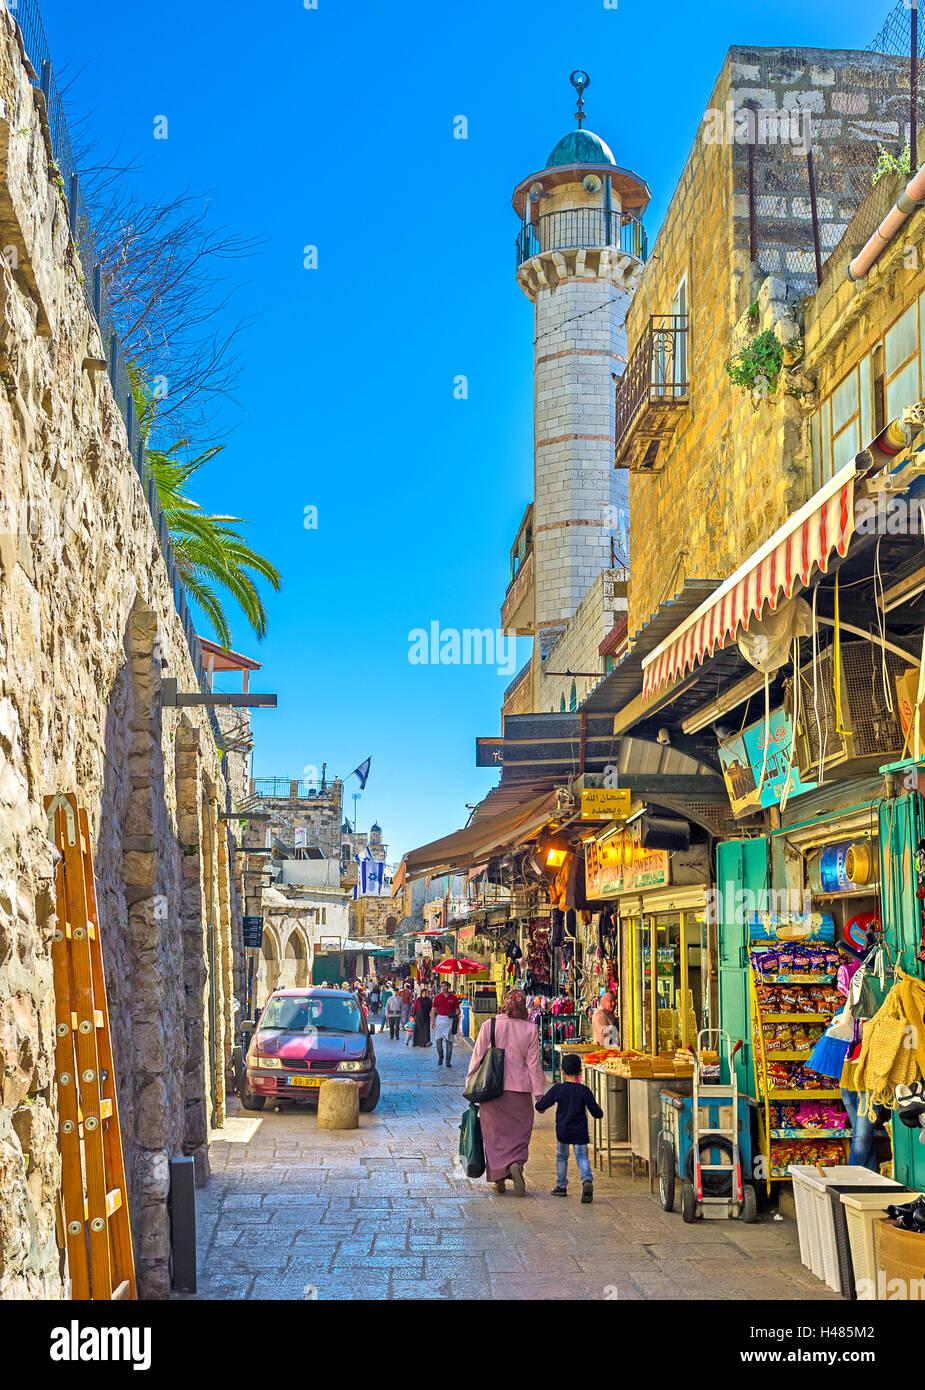 El minarete blanco se eleva sobre el bazar en el Barrio Musulmán, junto a la Puerta de Damasco, Jerusalén Imagen De Stock